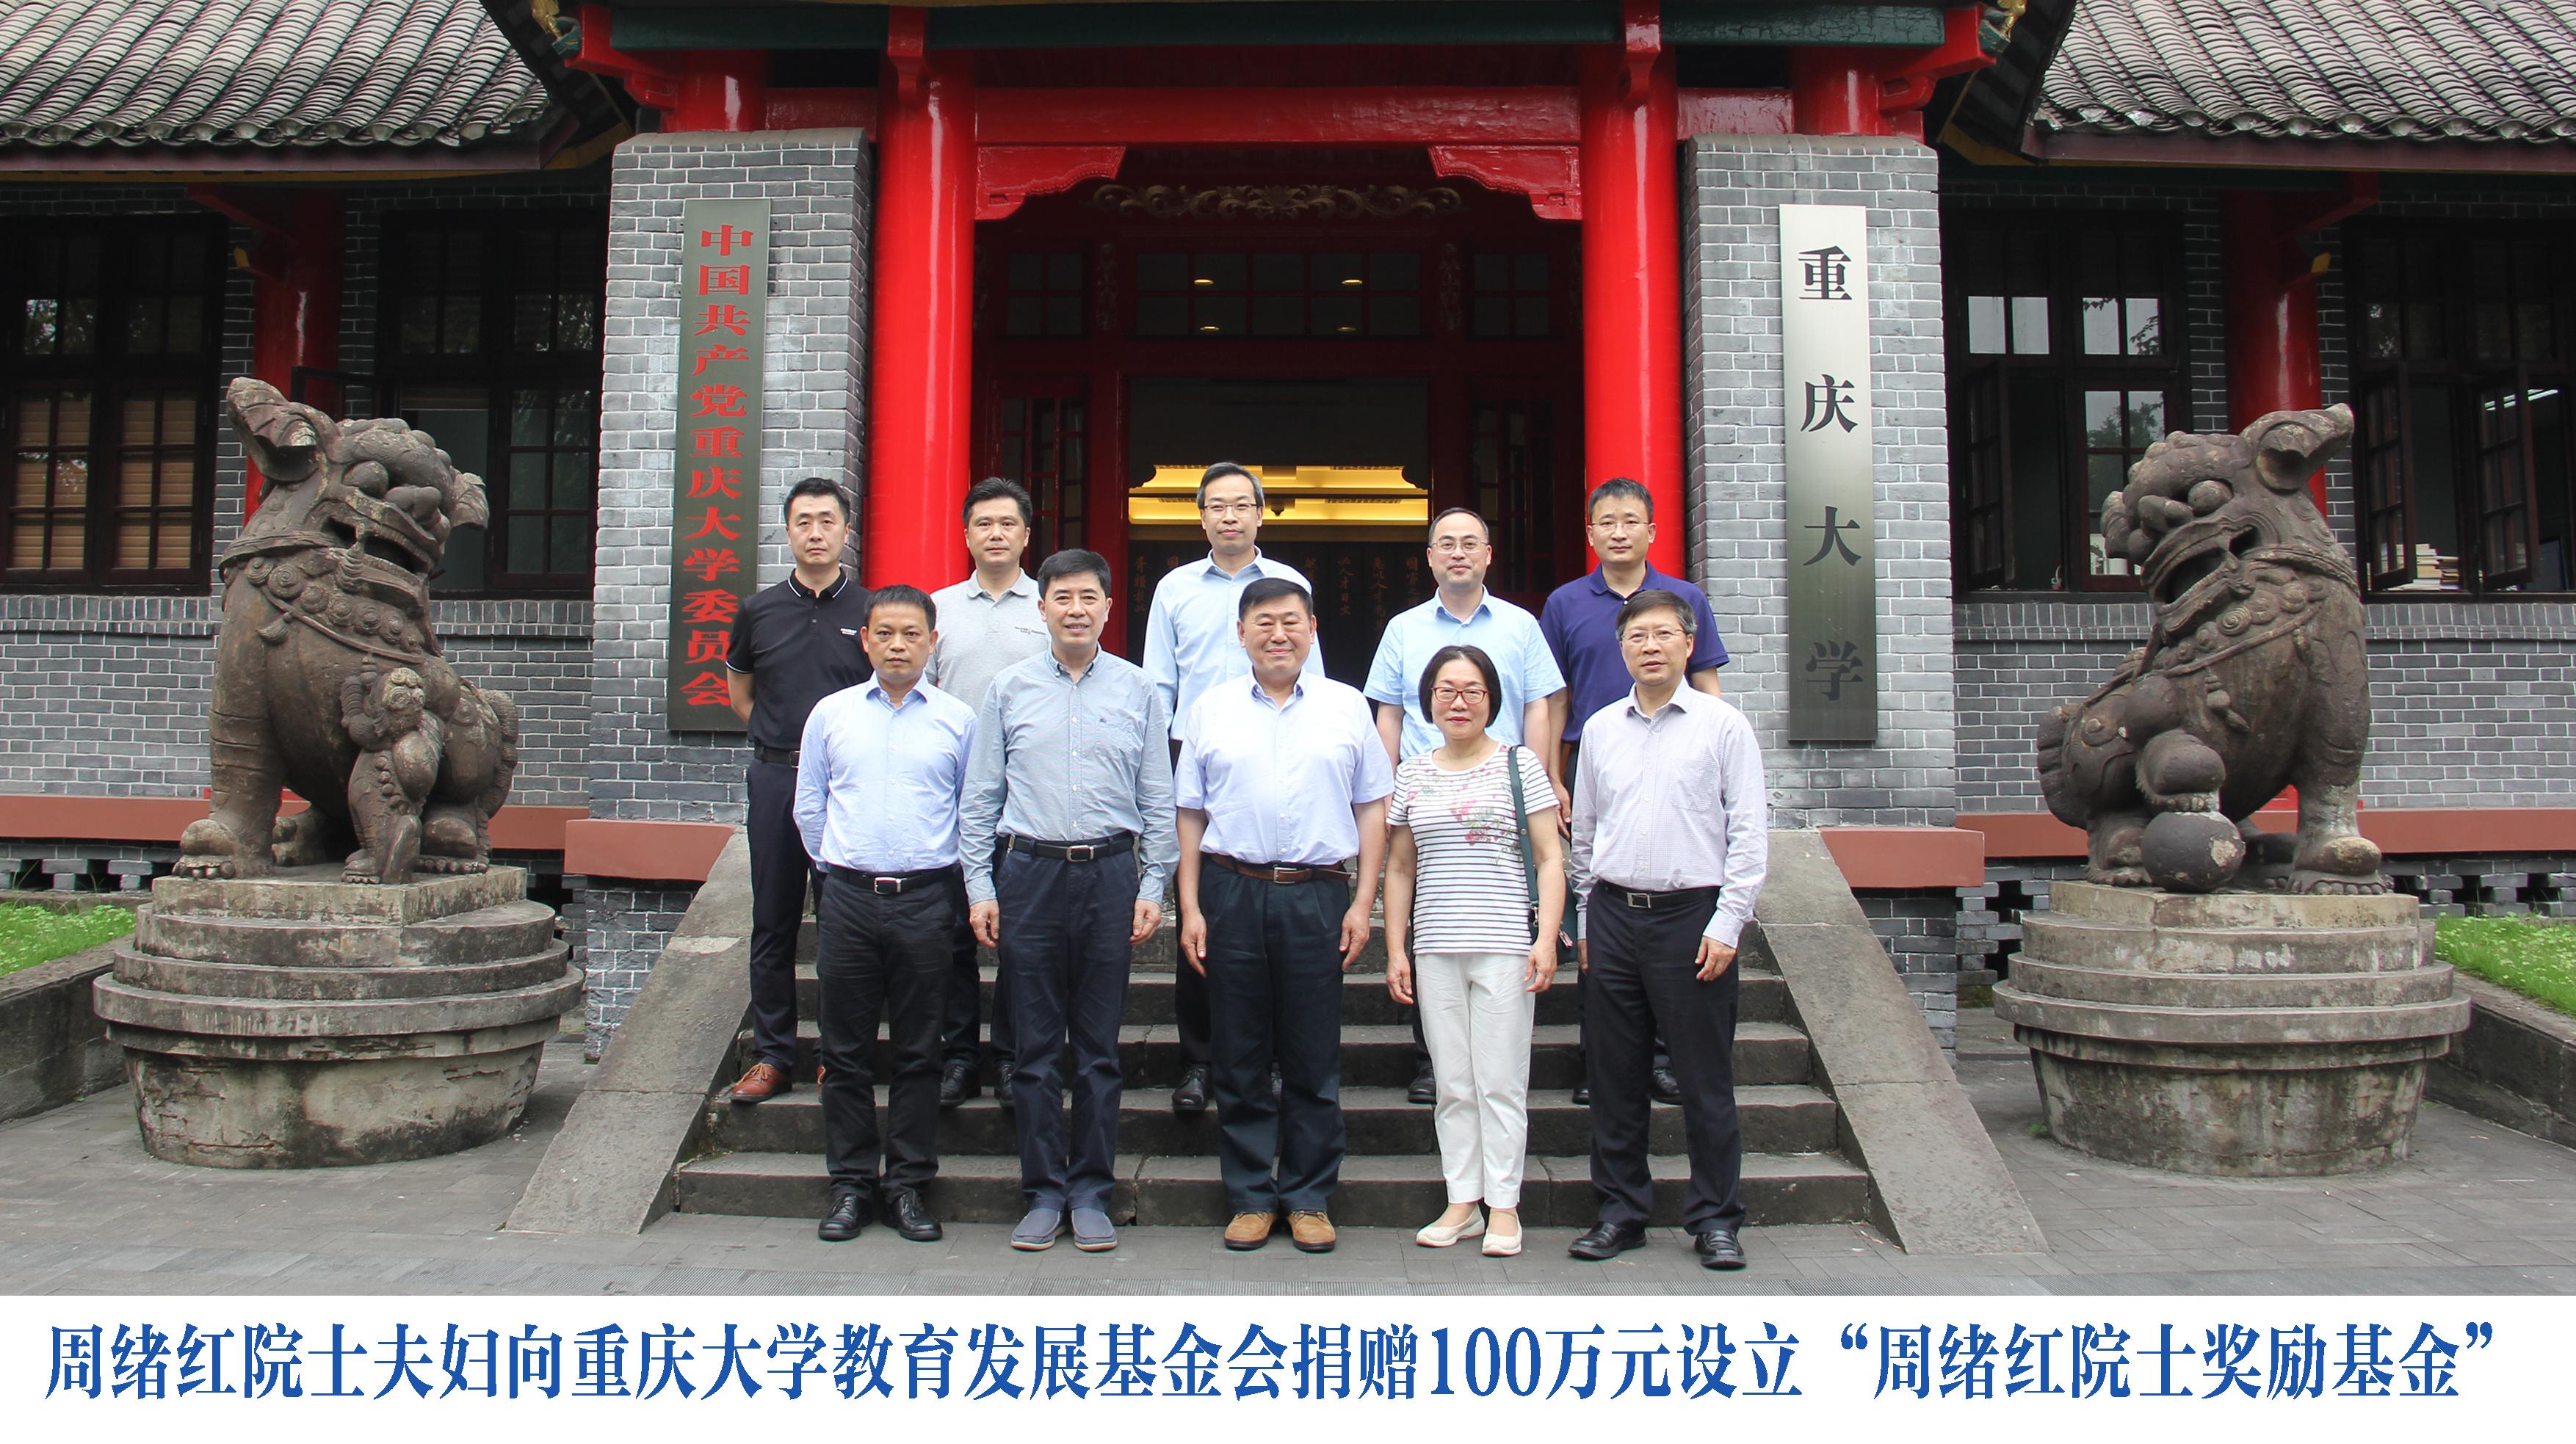 夏曙东校友捐资500万元设立重庆大学